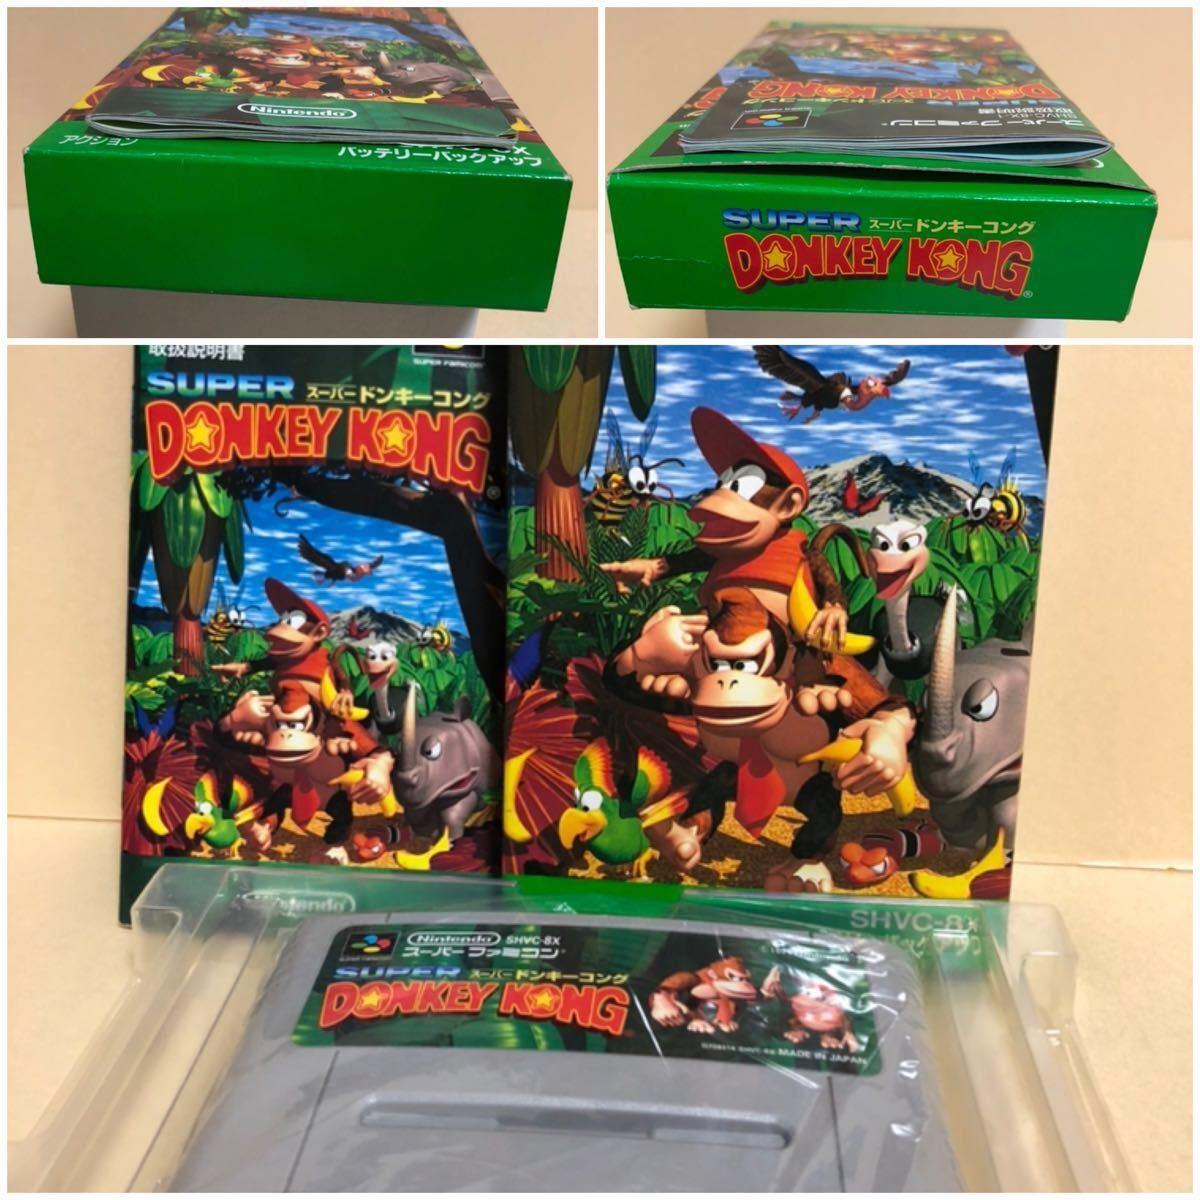 ゲームボーイアドバンス ゲームボーイカラー スーパーファミコン ソフト SFC ゲームボーイ ゲームソフト